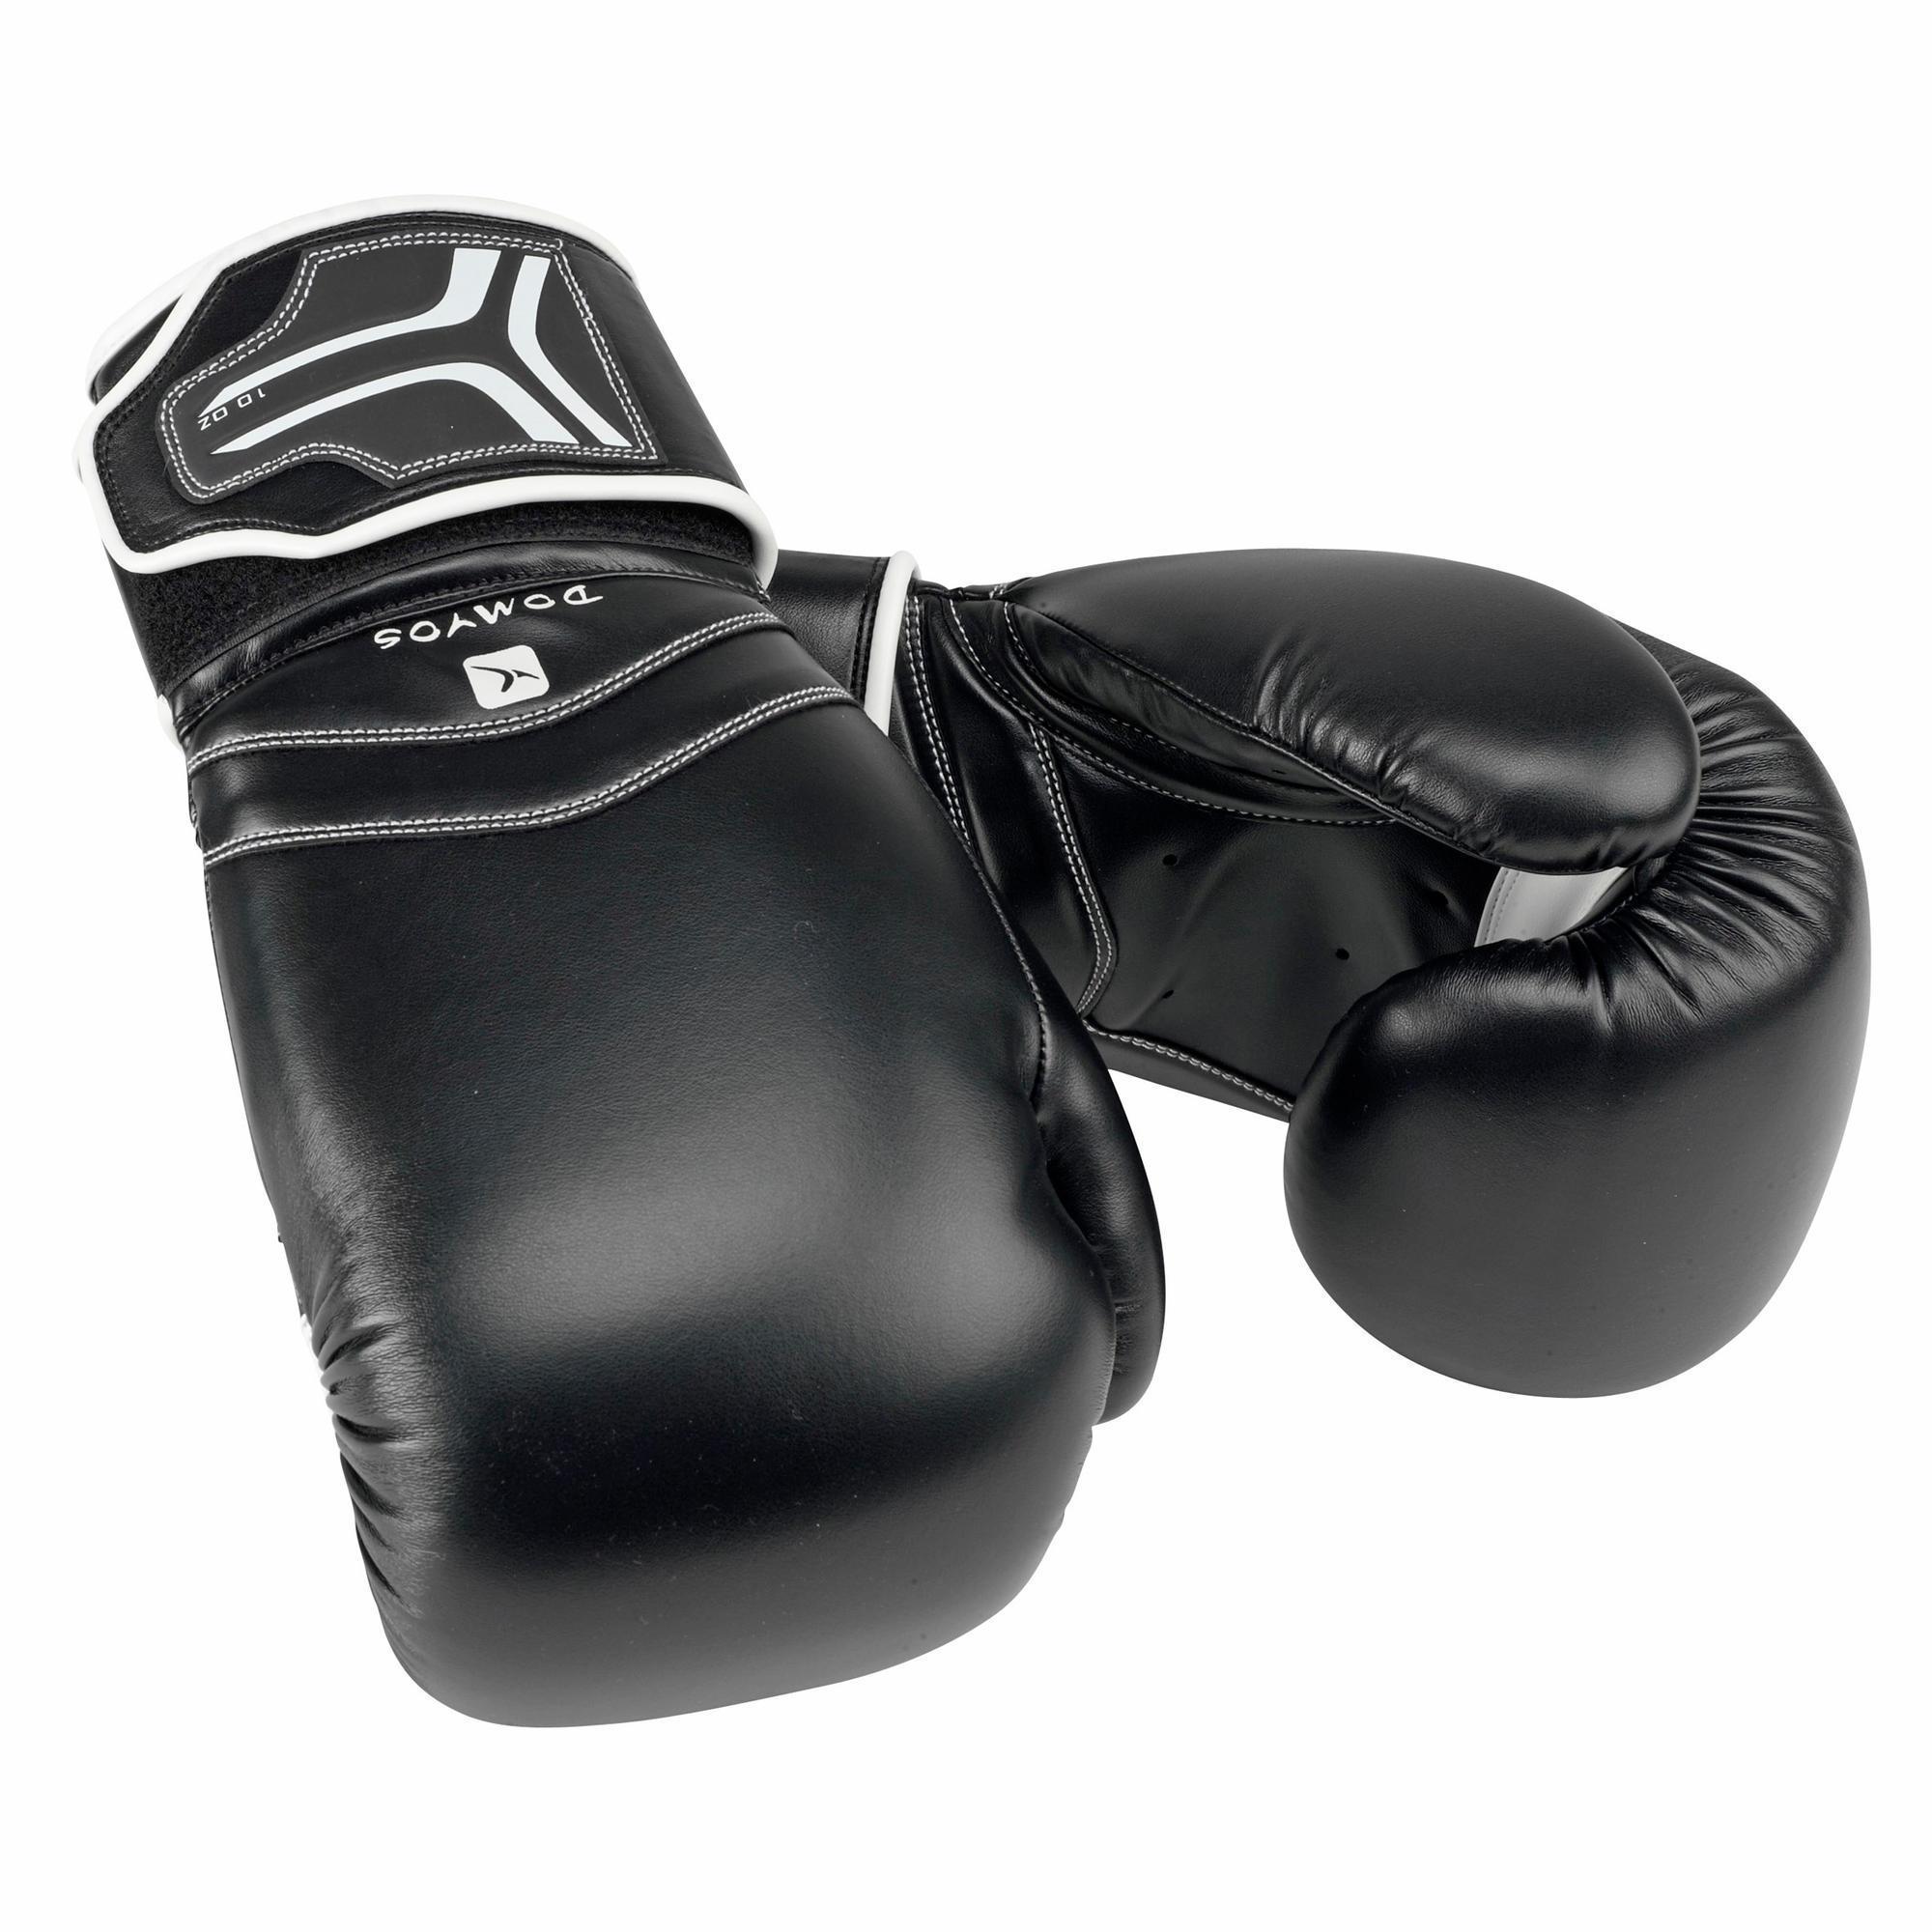 Comprar Guantes de Boxeo online  ec4f495af743d